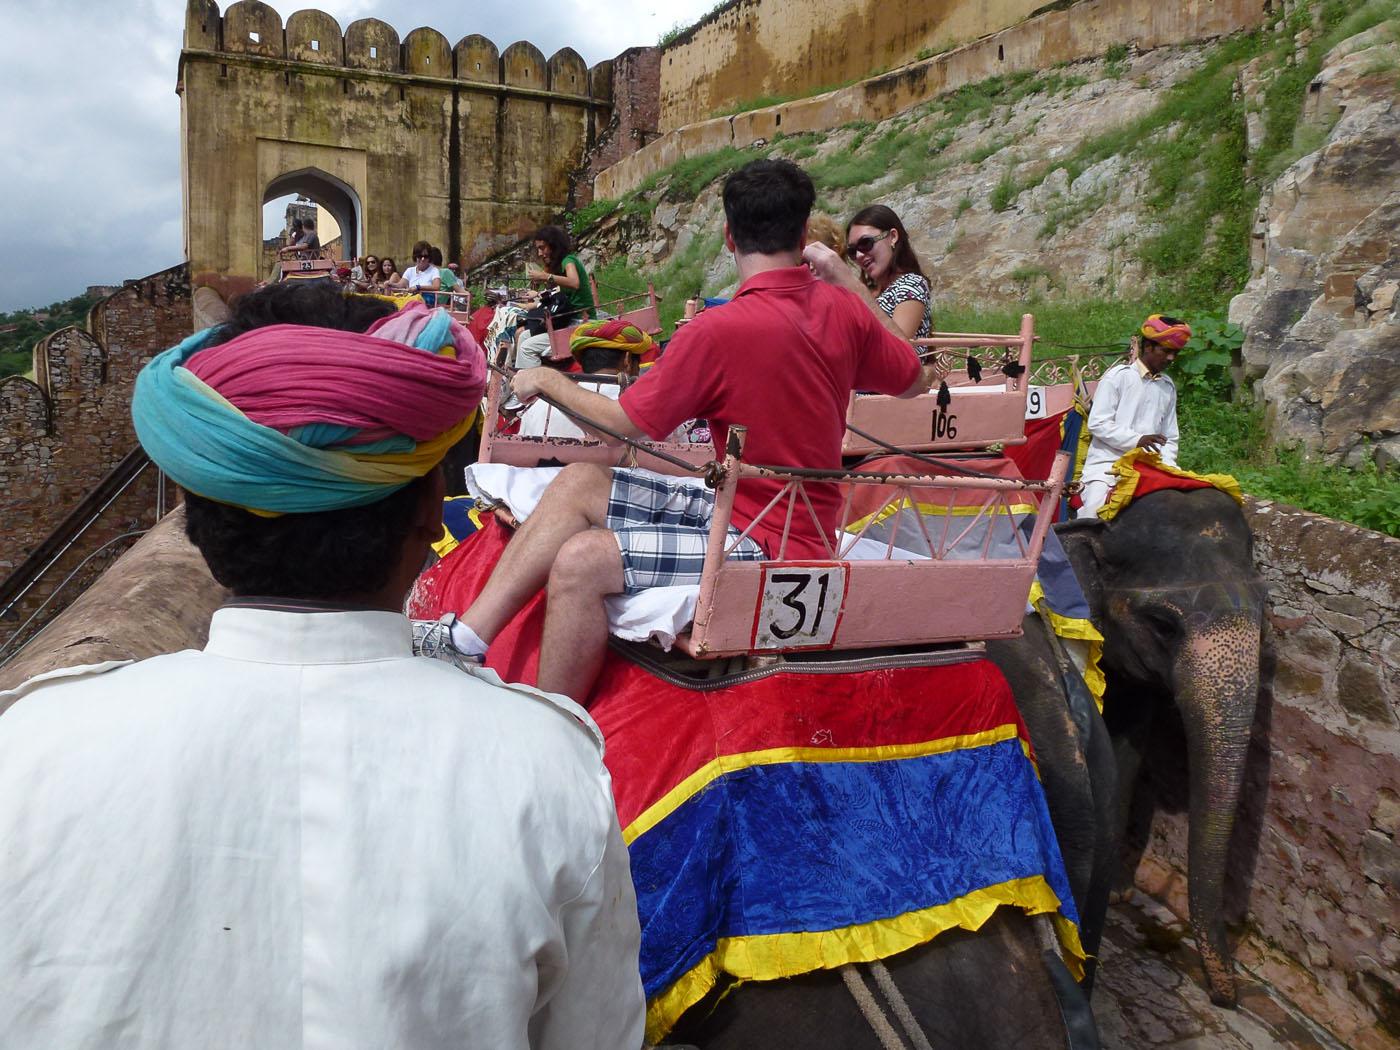 Фотография 9. Отчеты туристов о поездке в Джайпур. Экскурсия на слонах